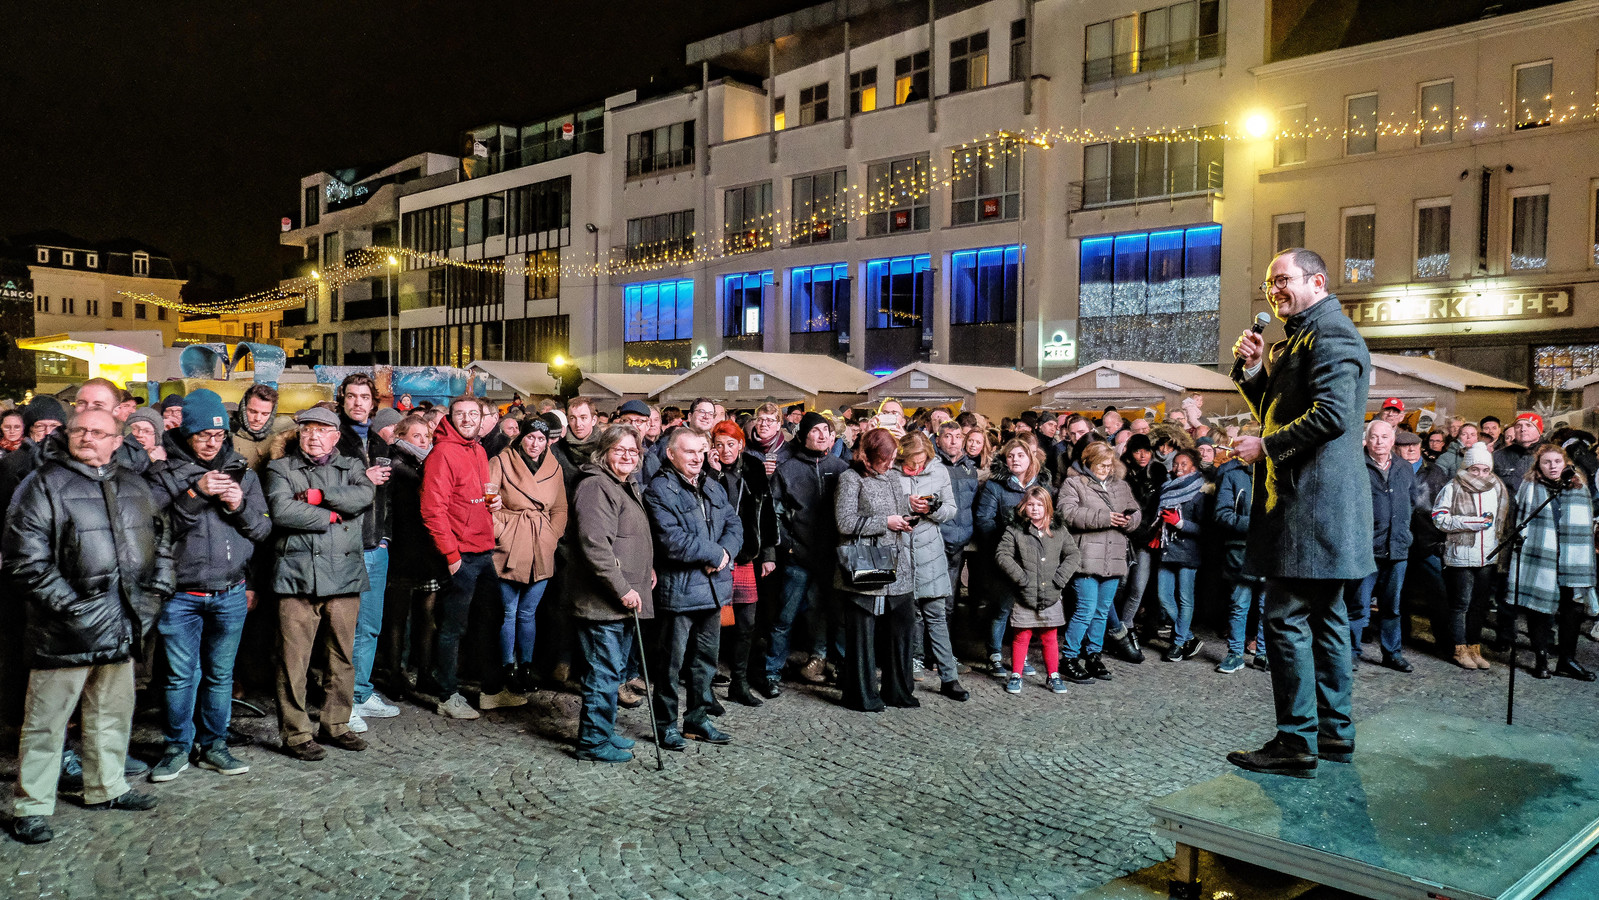 Van Quickenborne opende De Grote Bevraging op de nieuwjaarsreceptie op het Schouwburgplein.